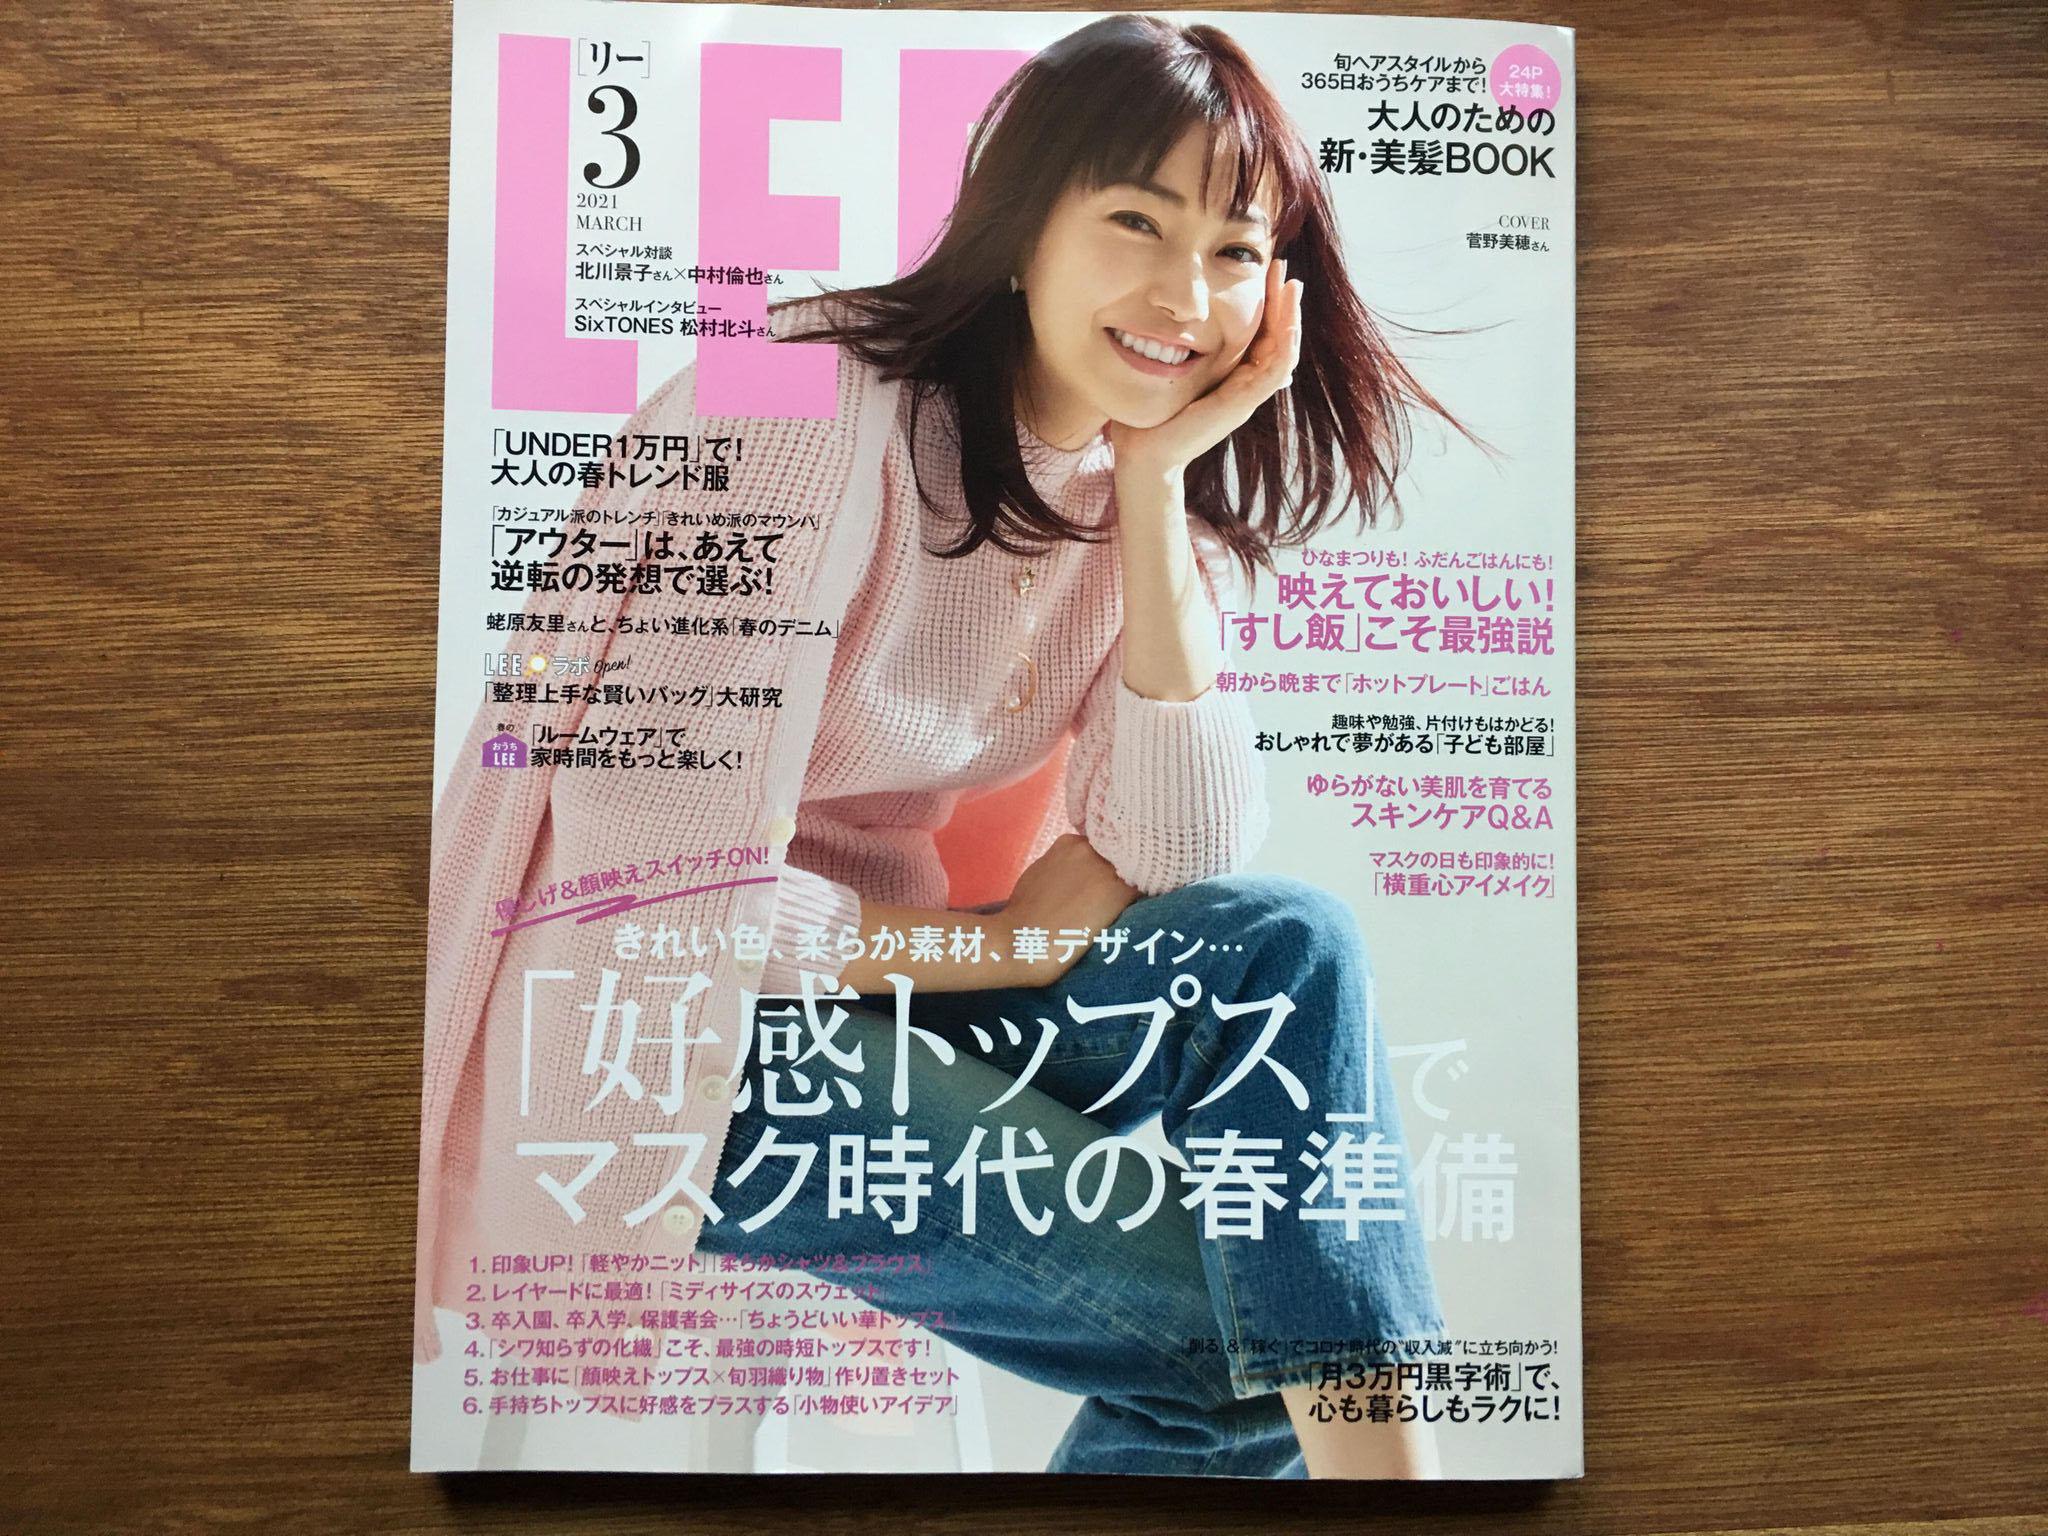 LEE3月号にオリジナルキッズ家具「kino」が掲載されました。